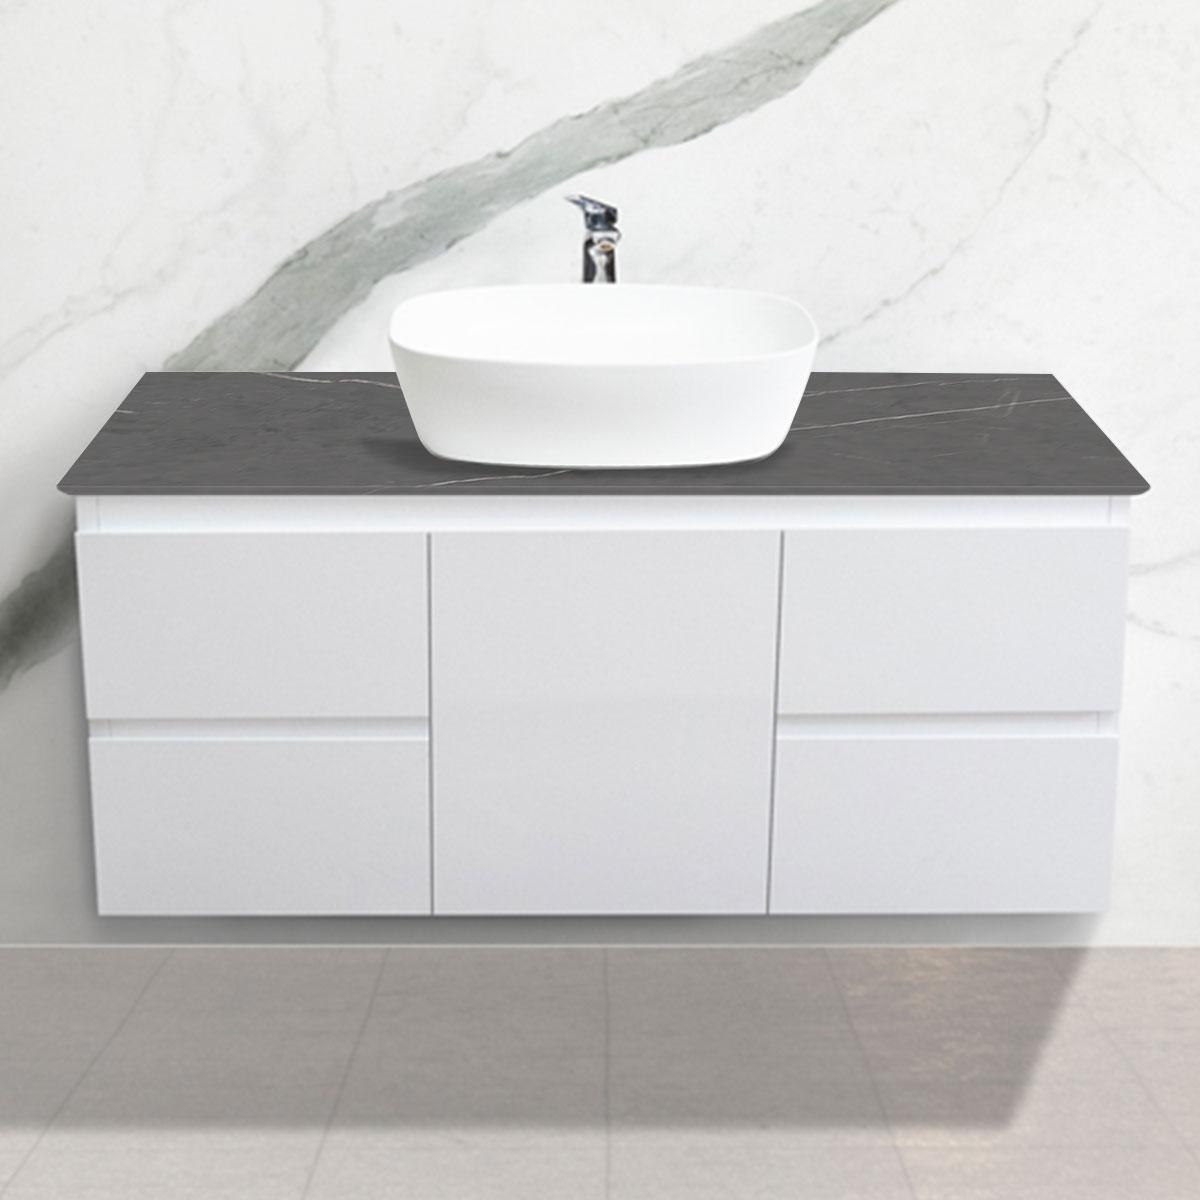 Cabinet - Vanity- 1 Door + 4 Drawers - Pietra Grey - Stone3 Brisbane